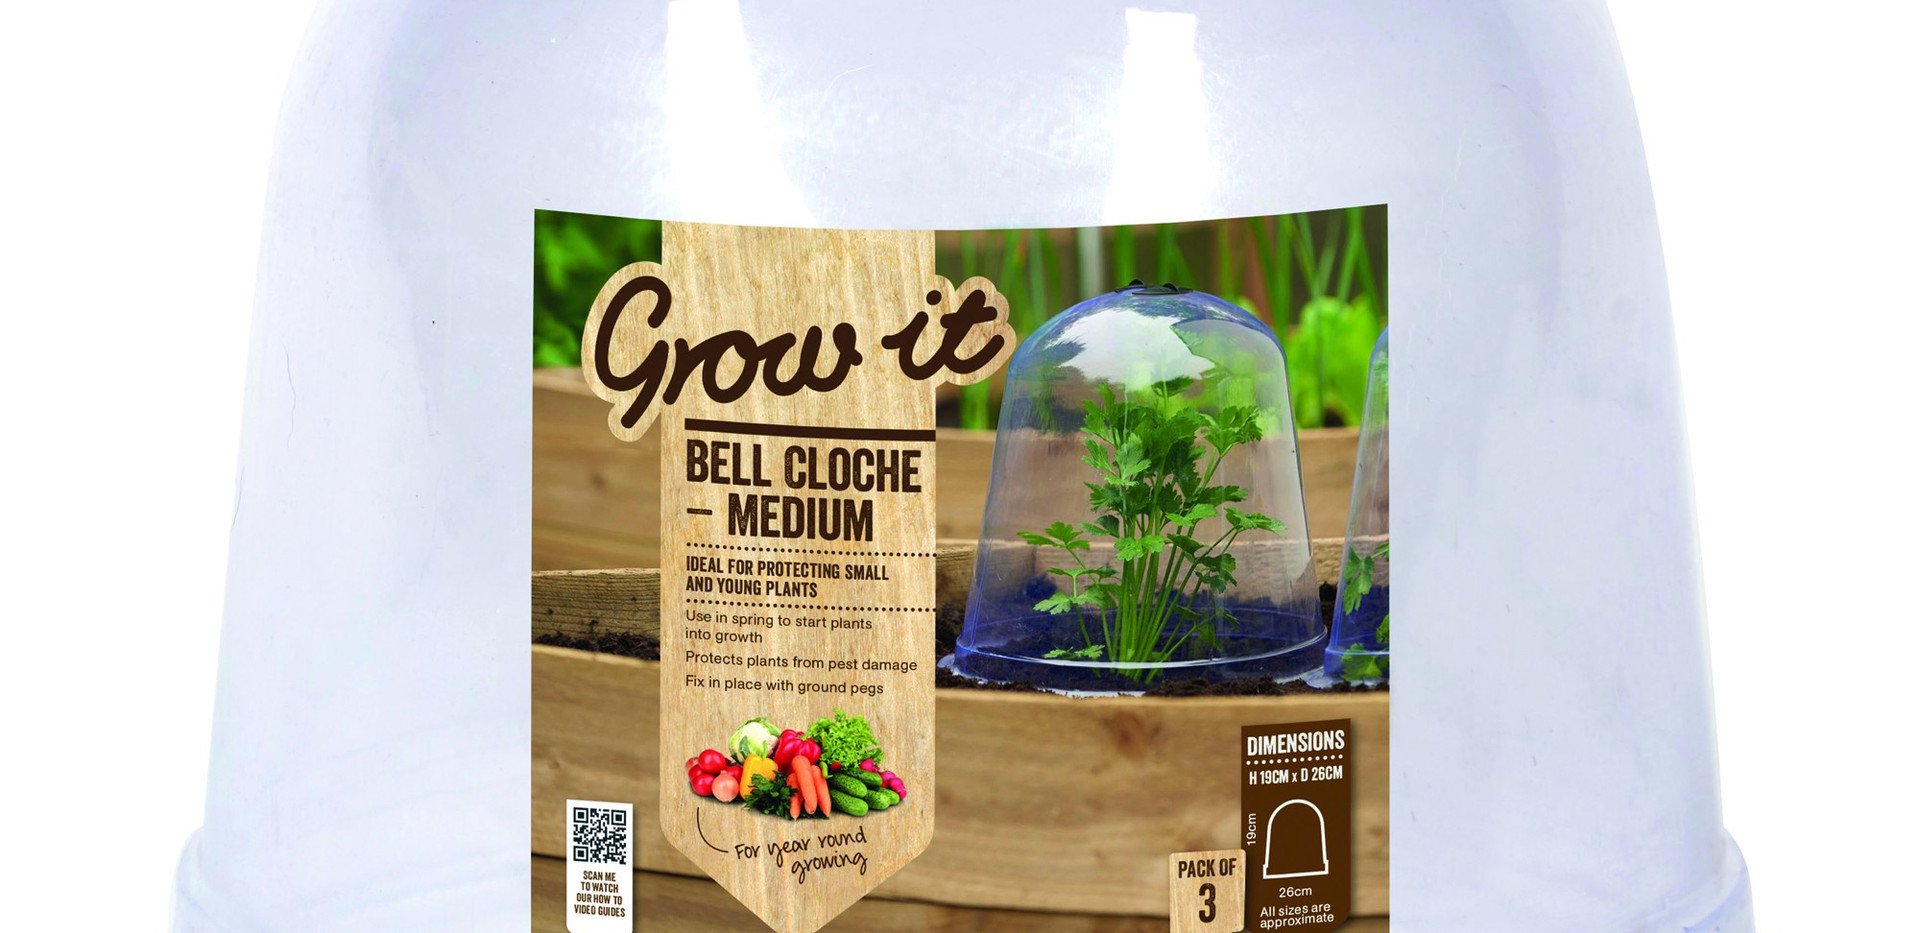 Bell Cloche